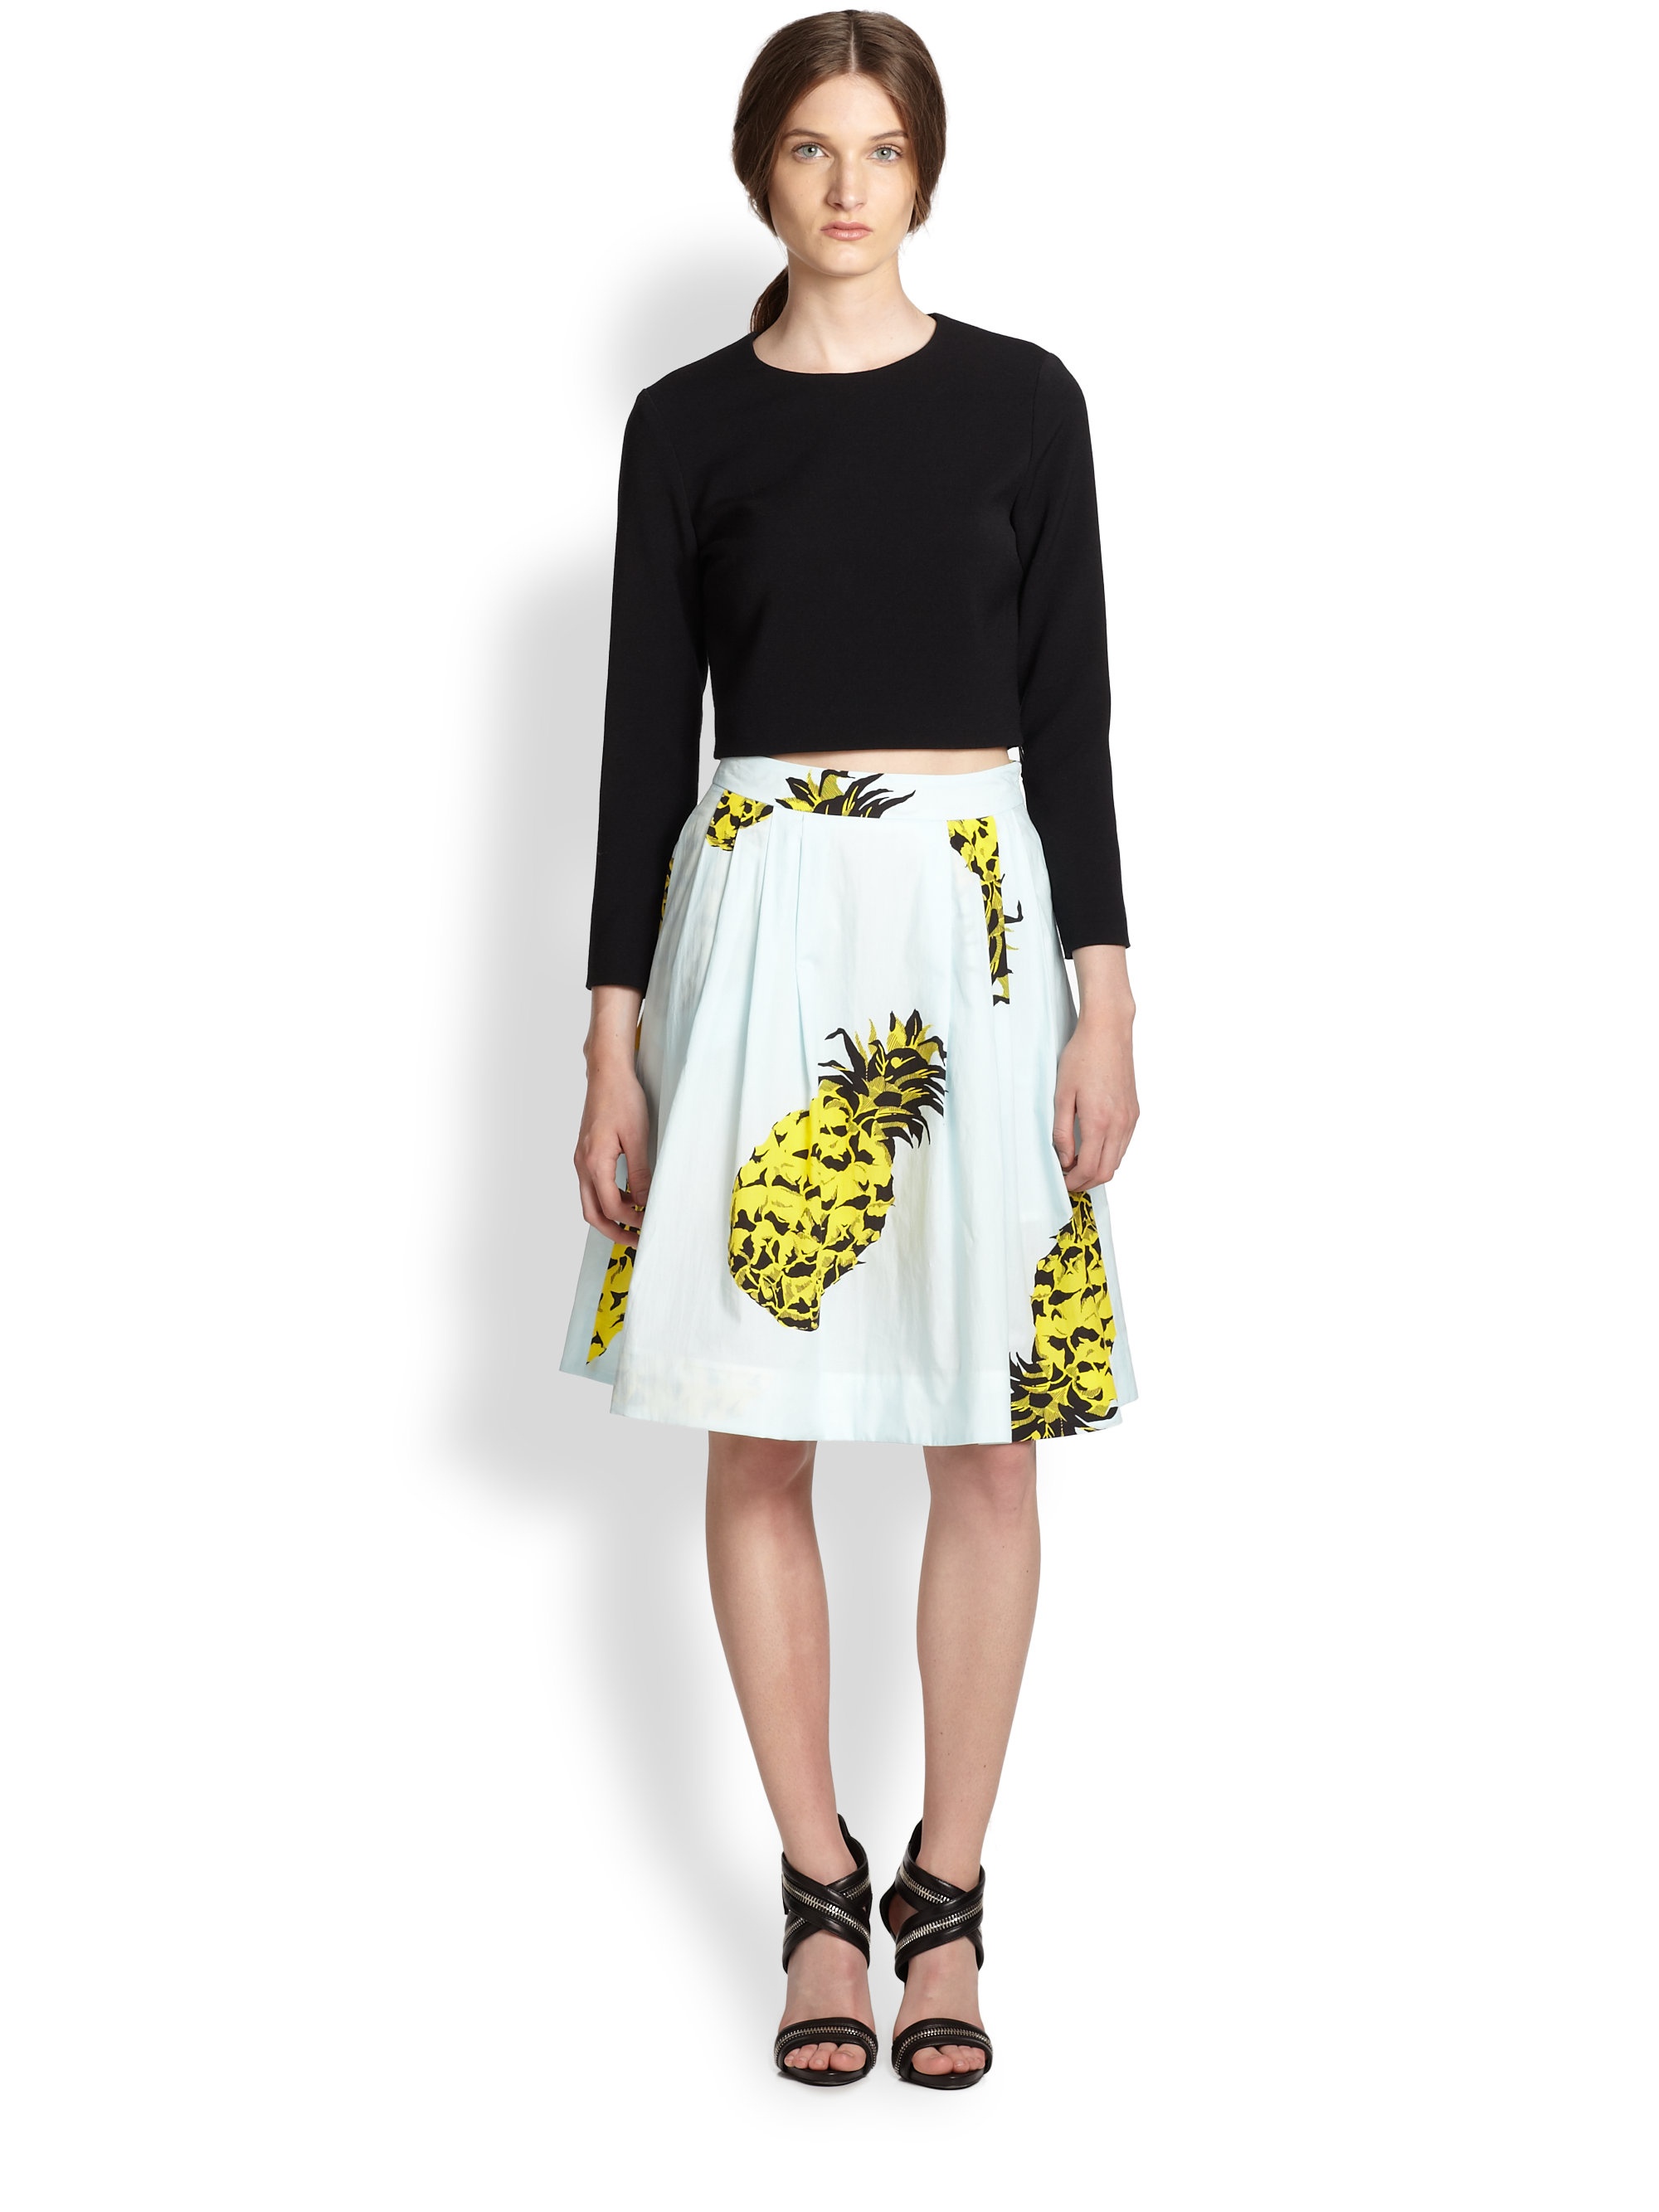 River Island Pineapple Skirt